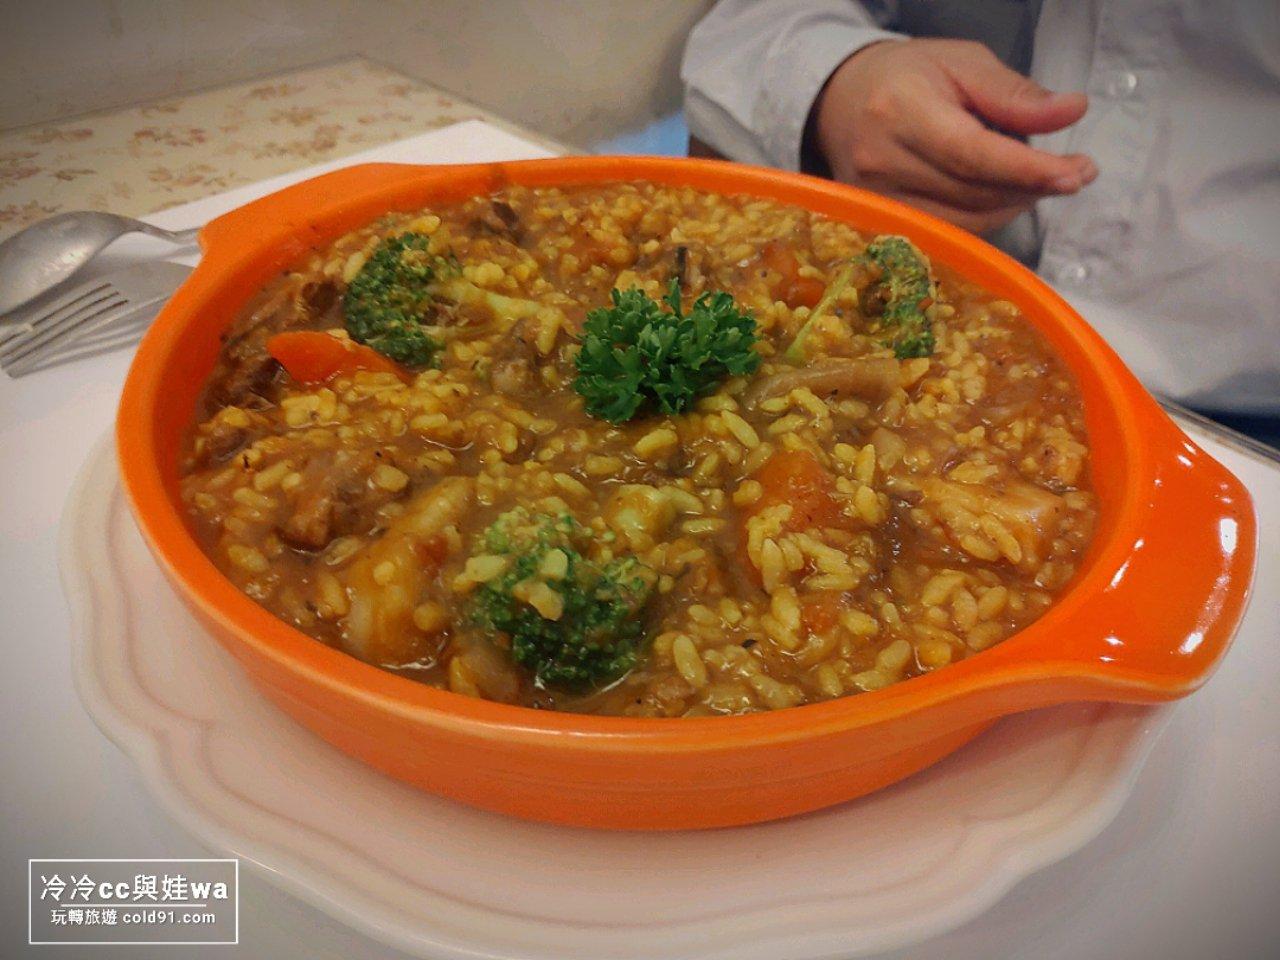 竹北美食】夏綠地義大利麵,溫馨美味好放鬆的下午茶餐廳